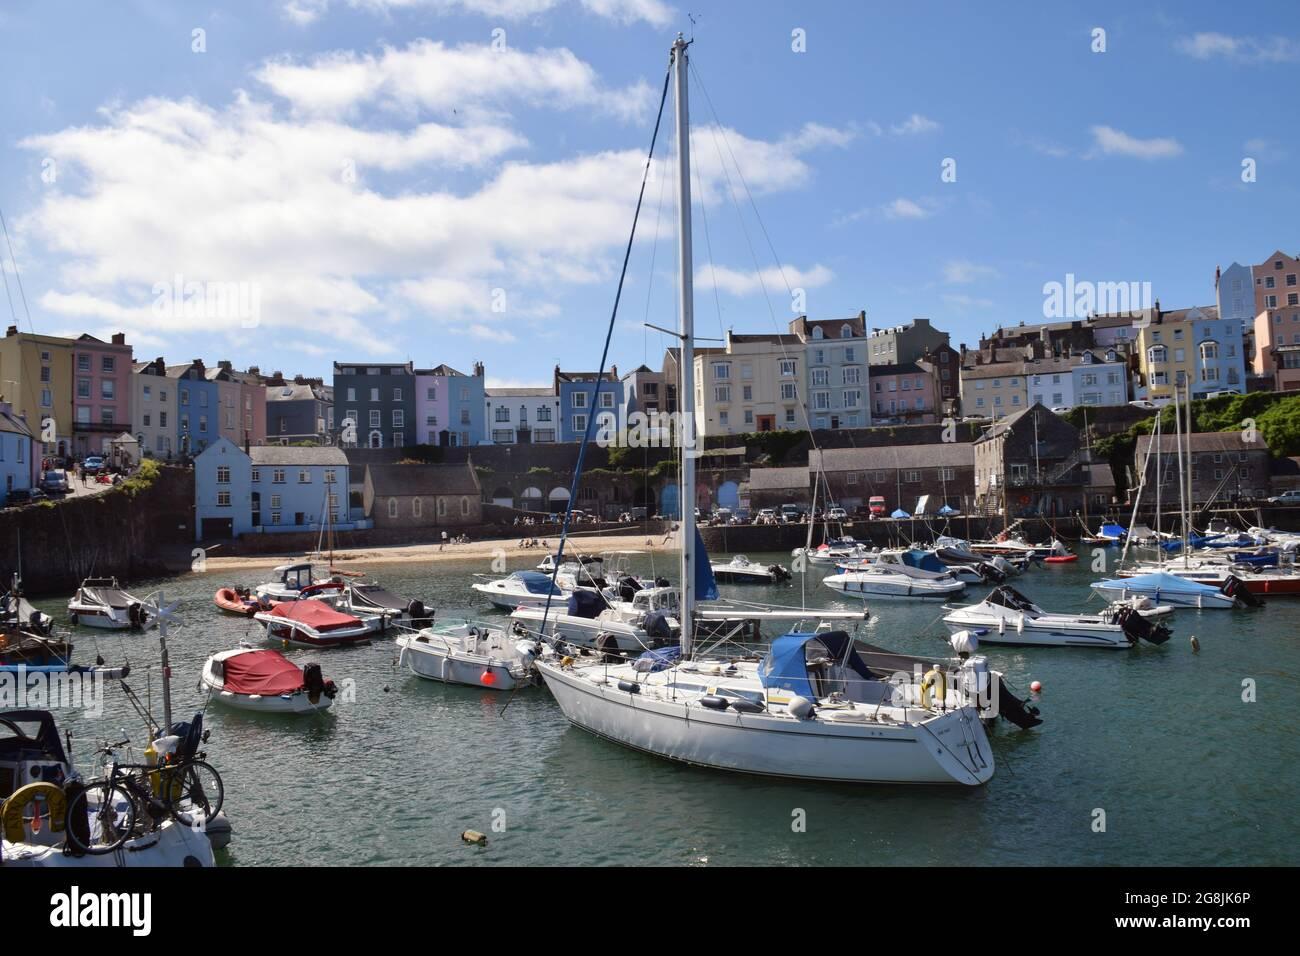 Port de Tenby, Pembrokeshire, pays de Galles du Sud juillet 2021 Banque D'Images